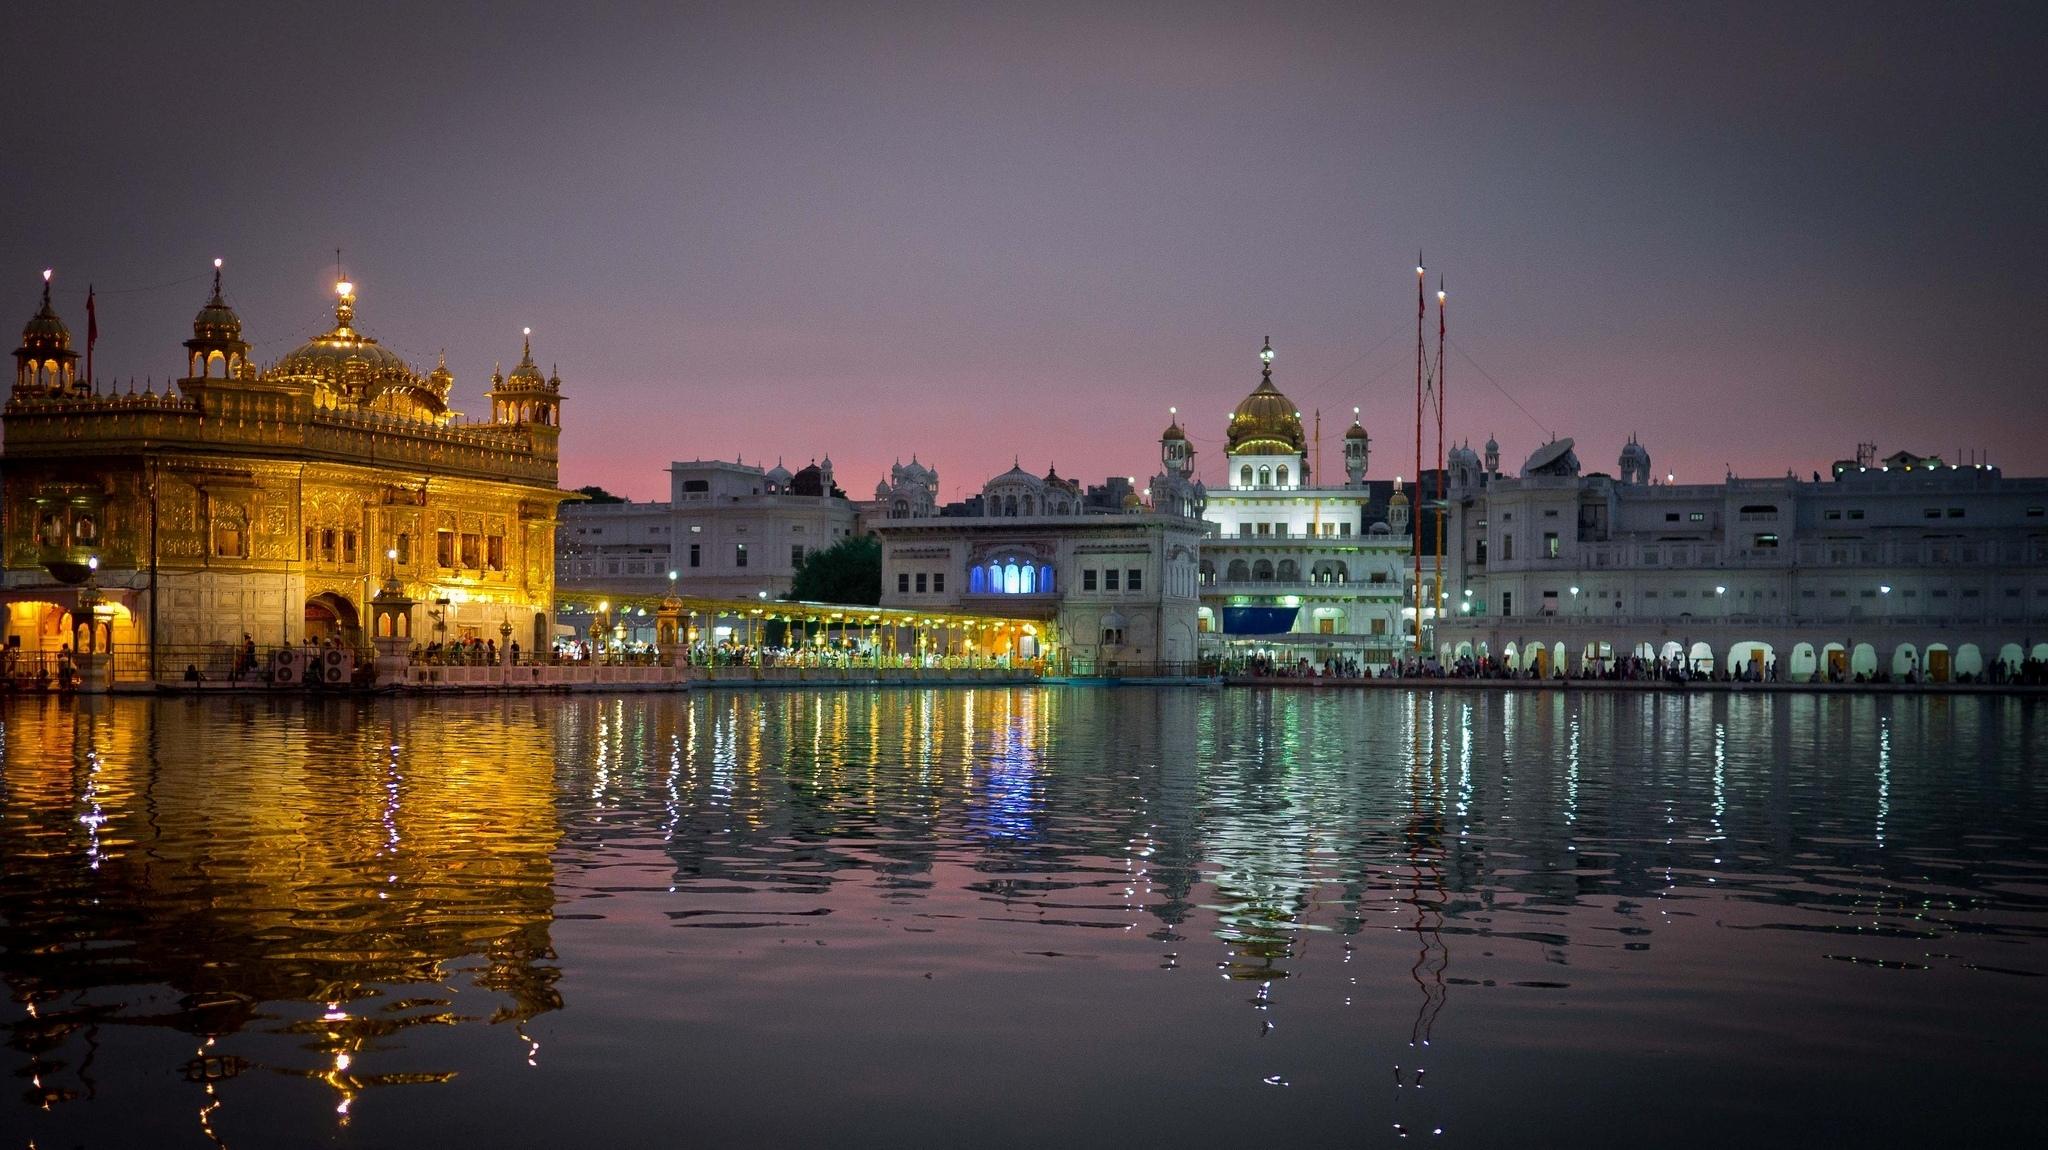 99829 免費下載壁紙 城市, 水, 反射, 晚上, 寺庙, 神殿, 印度, 阿姆利则, Amritsar, India, 旁遮普邦, 哈曼迪尔·萨希布, 哈曼迪尔萨吉布 屏保和圖片